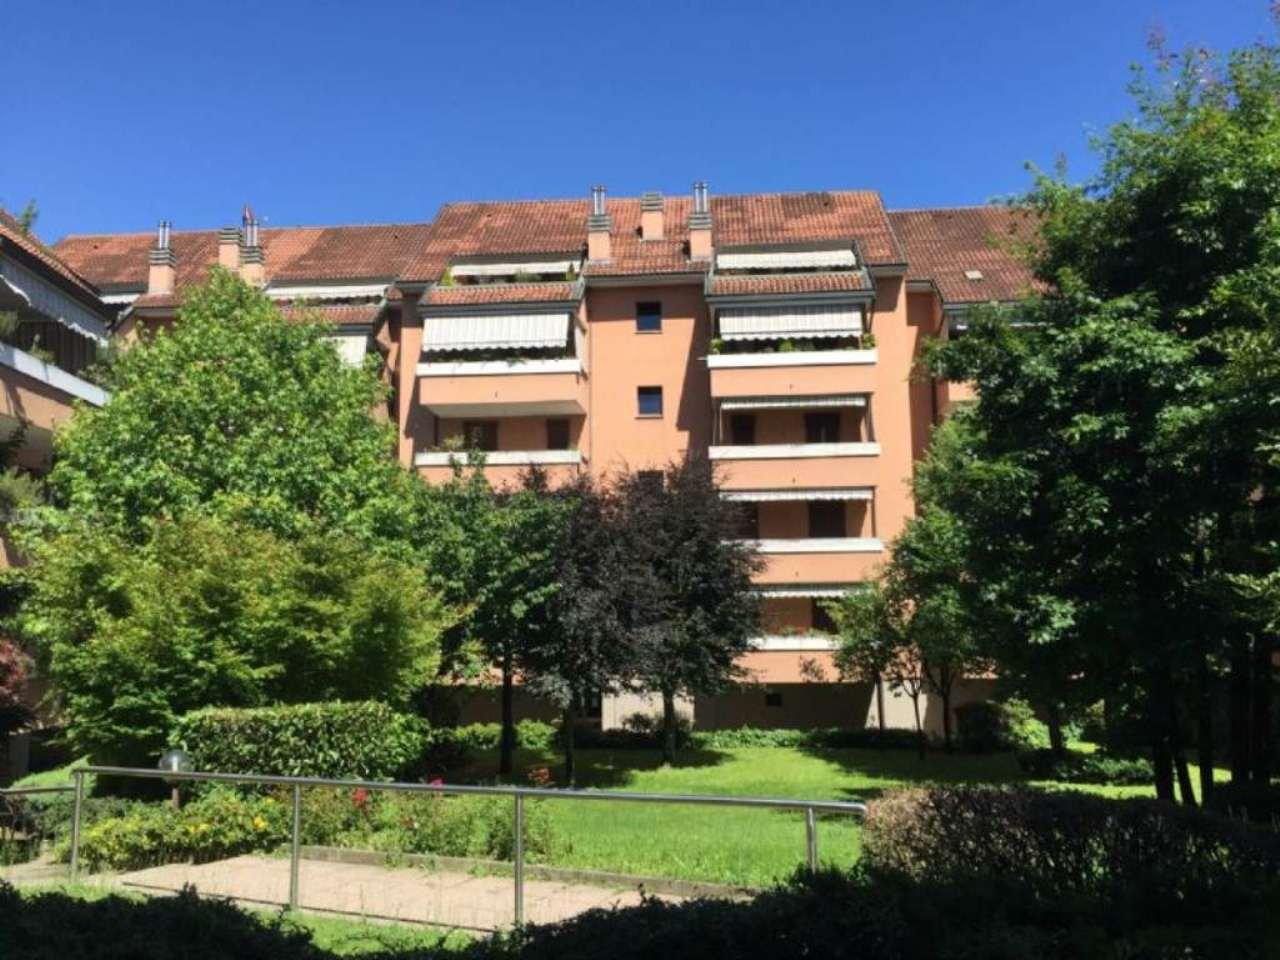 Bilocale Cavenago di Brianza Via Mazzini 5